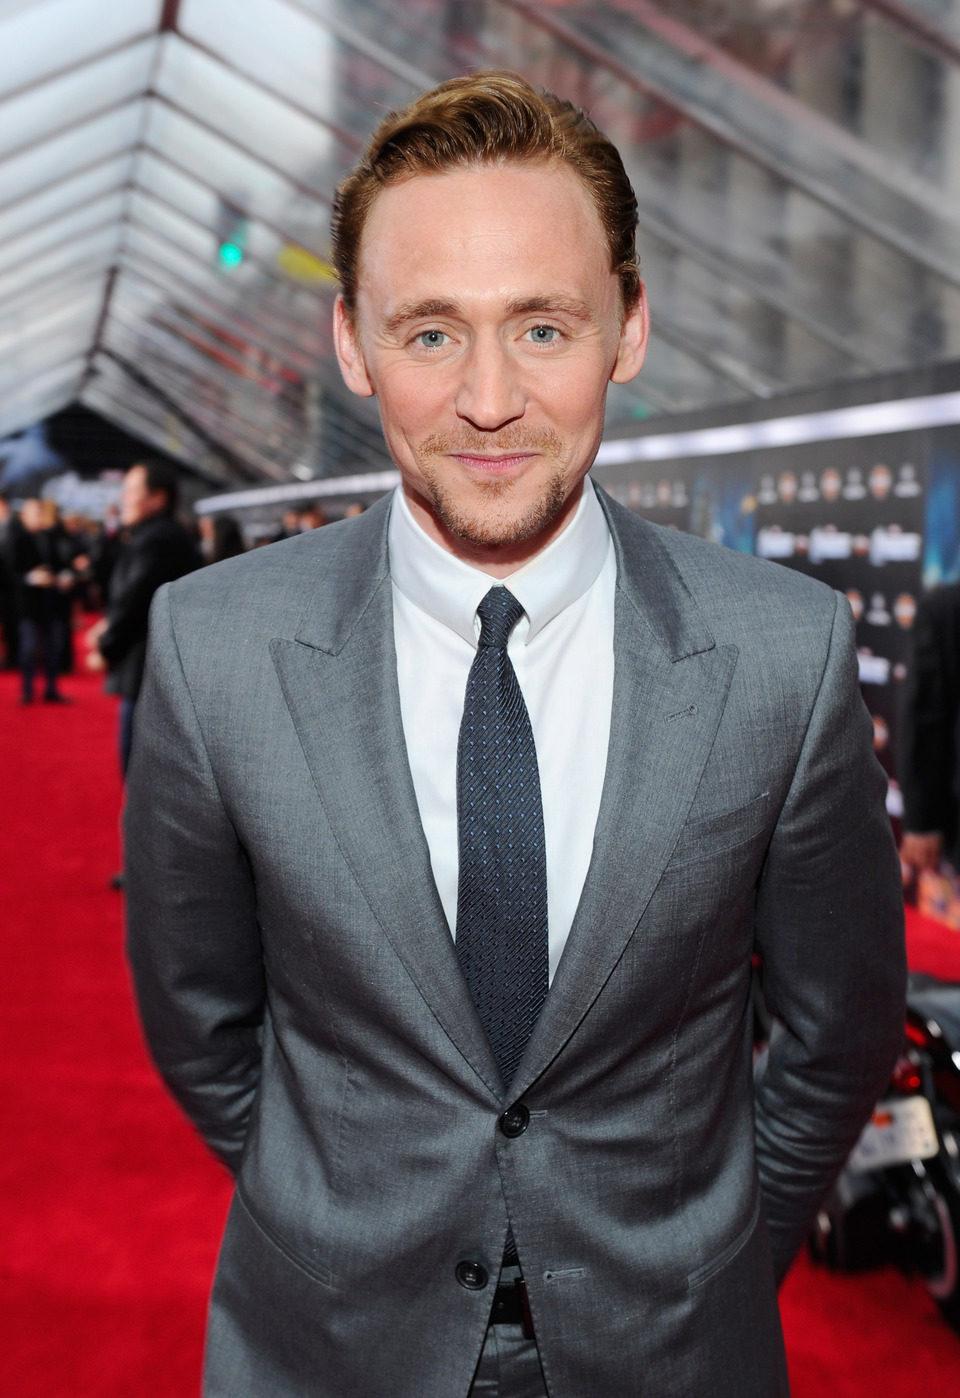 Tom Hiddleston en el estreno mundial de 'Los Vengadores'